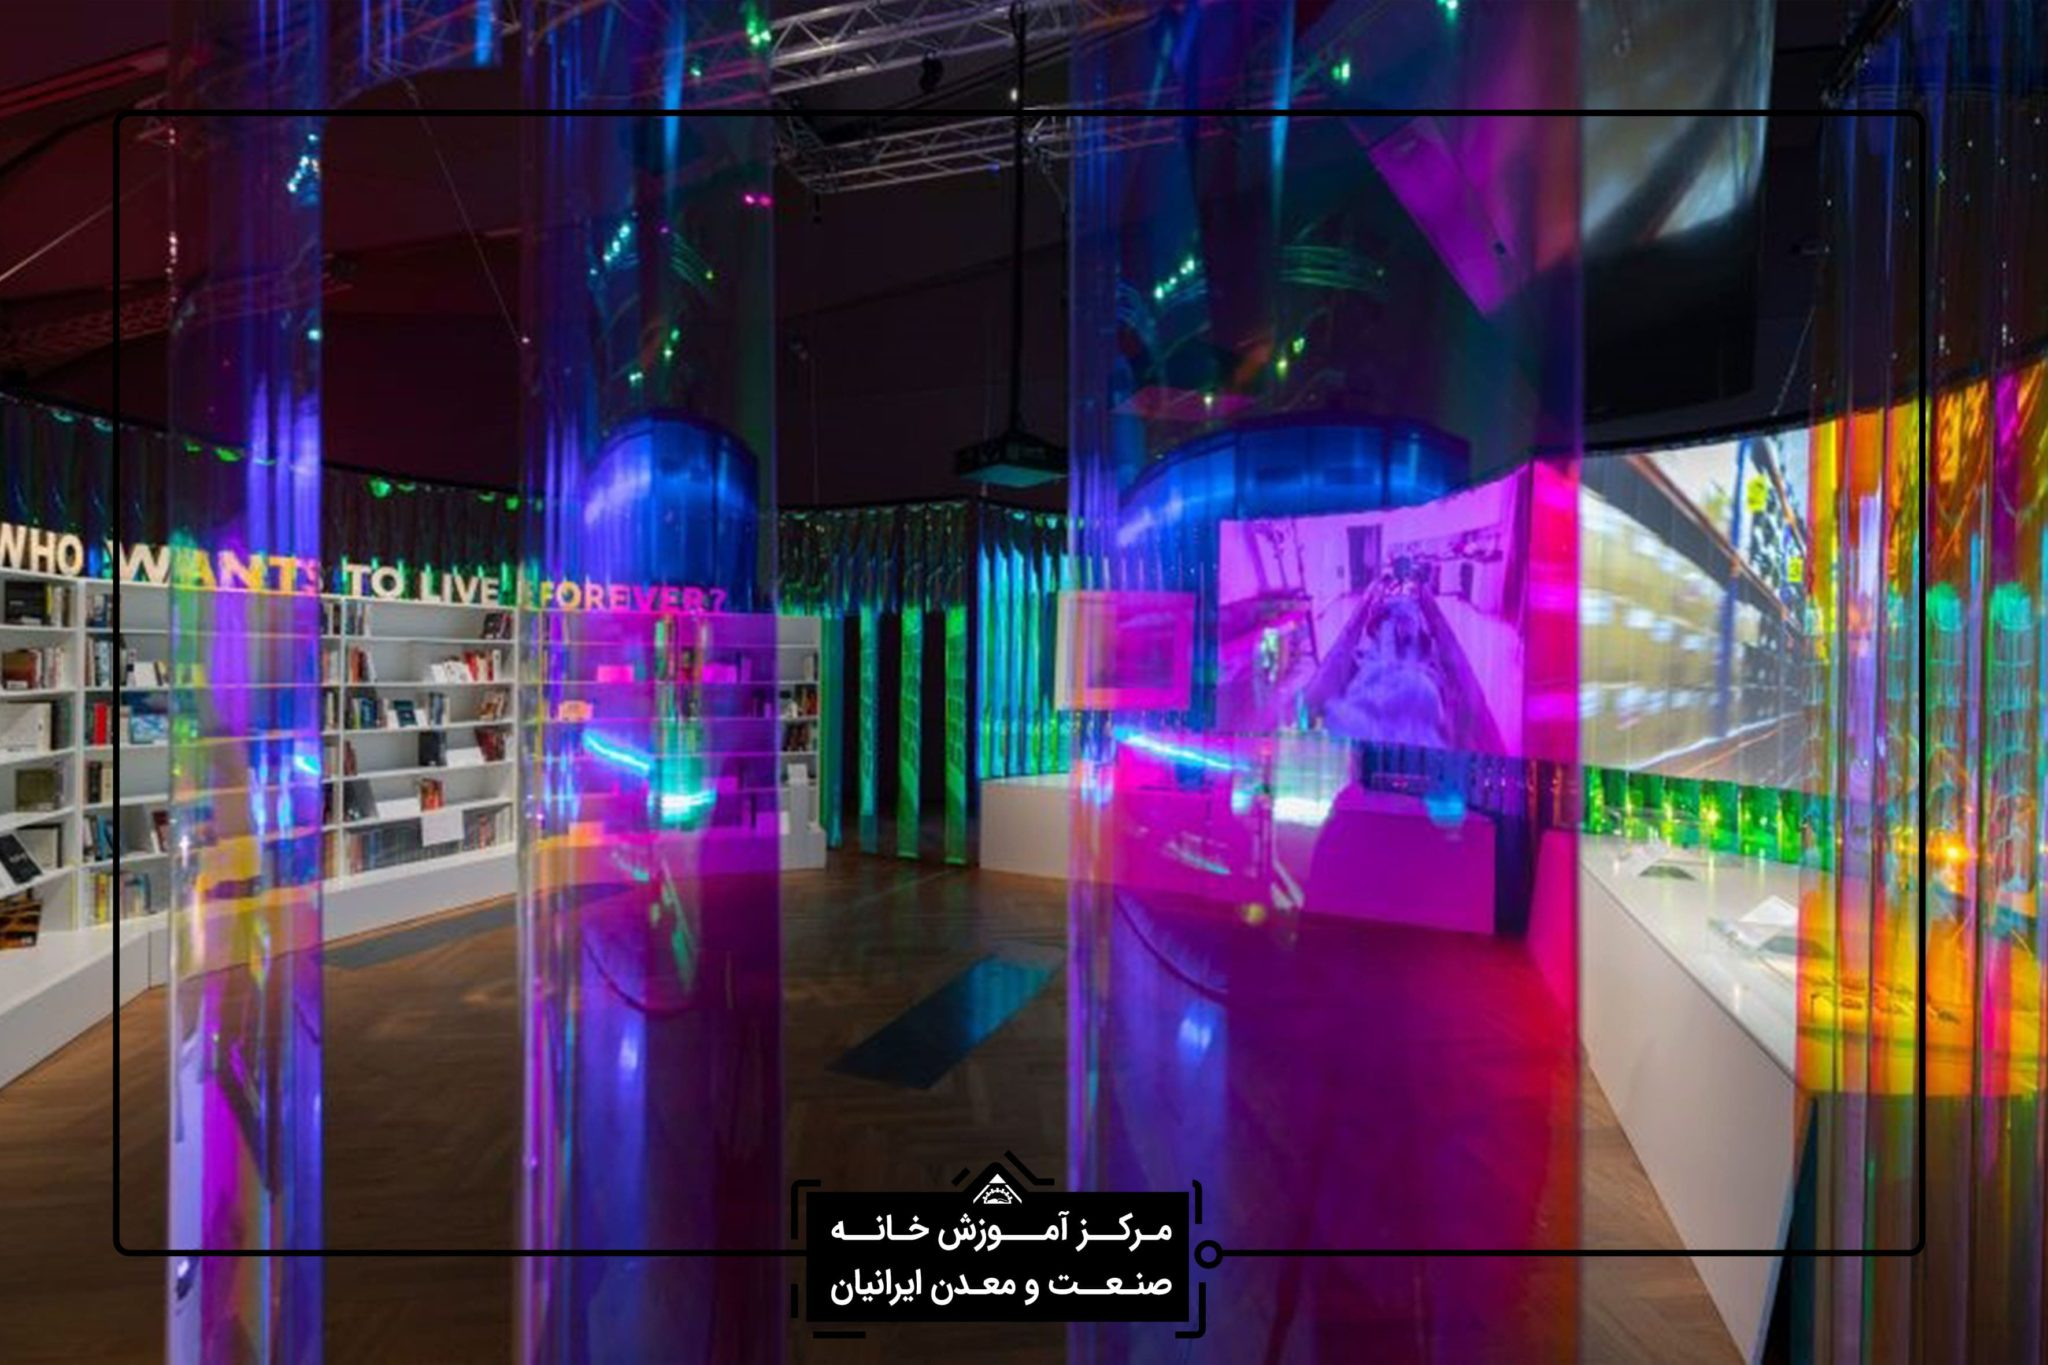 دکوراسیون داخلی در شیراز - آموزش نرم افزار طراحی داخلی در شیراز